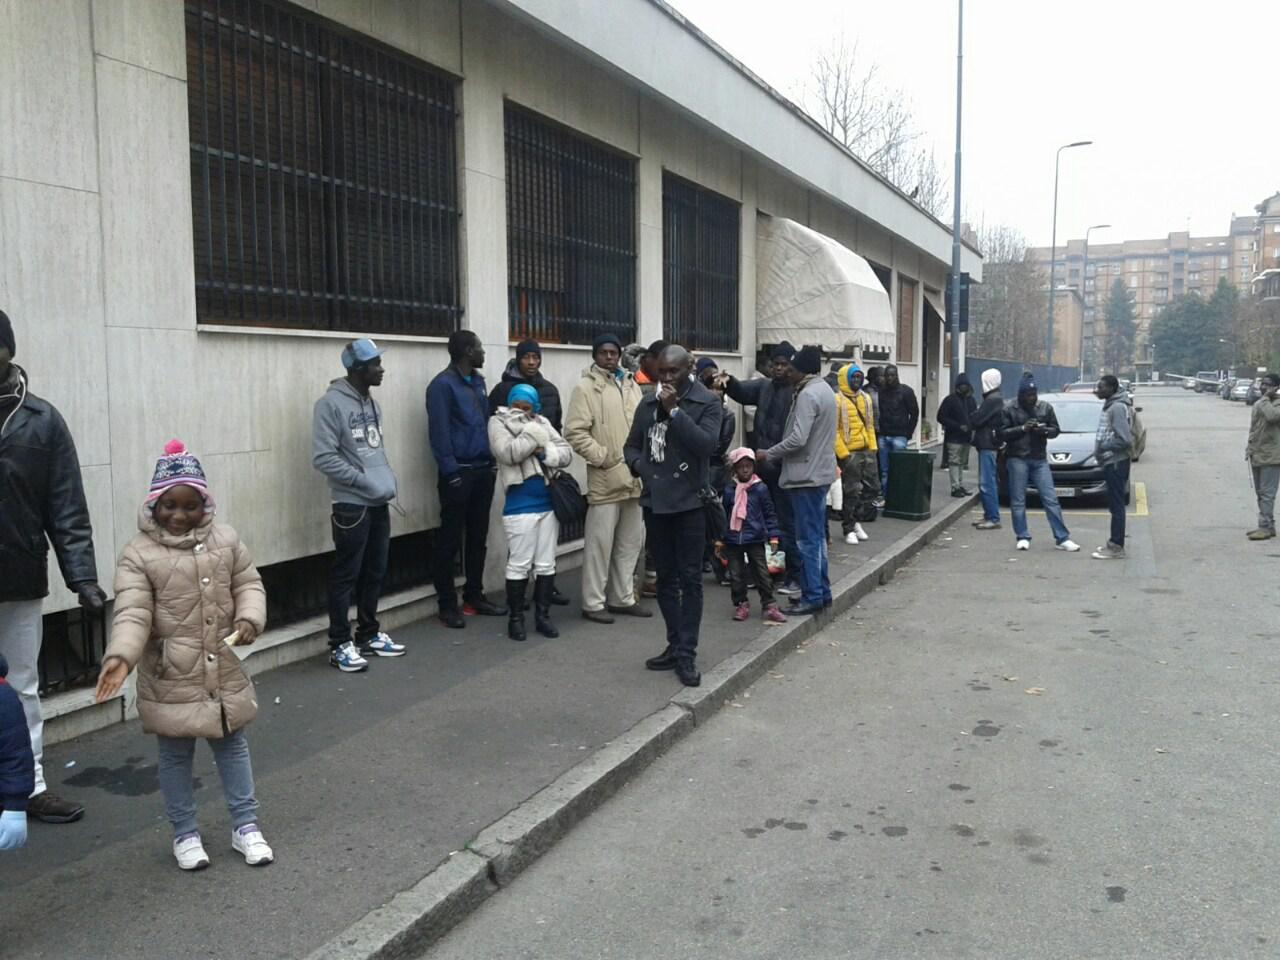 Consulat Général du Sénégal à Milan, la source de dérives et de maux